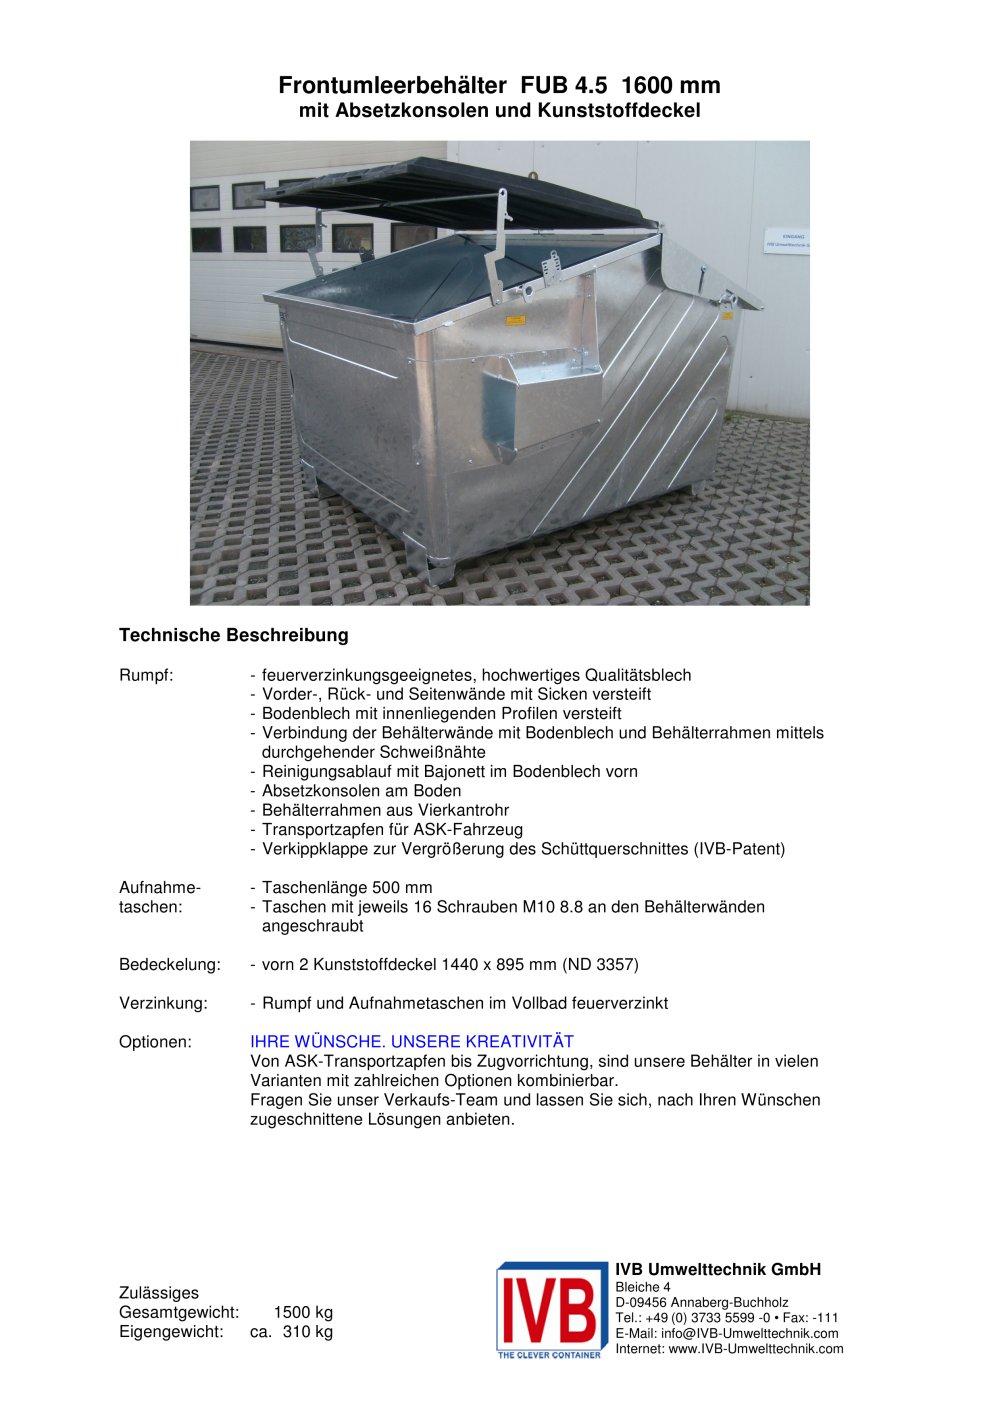 4 2 Kd Cuentodeterror Jvc Kddv 5000 5101 Car Radio Stereo Iso Wiring Loom Fub 45 1600 Absetz 1 Seiten